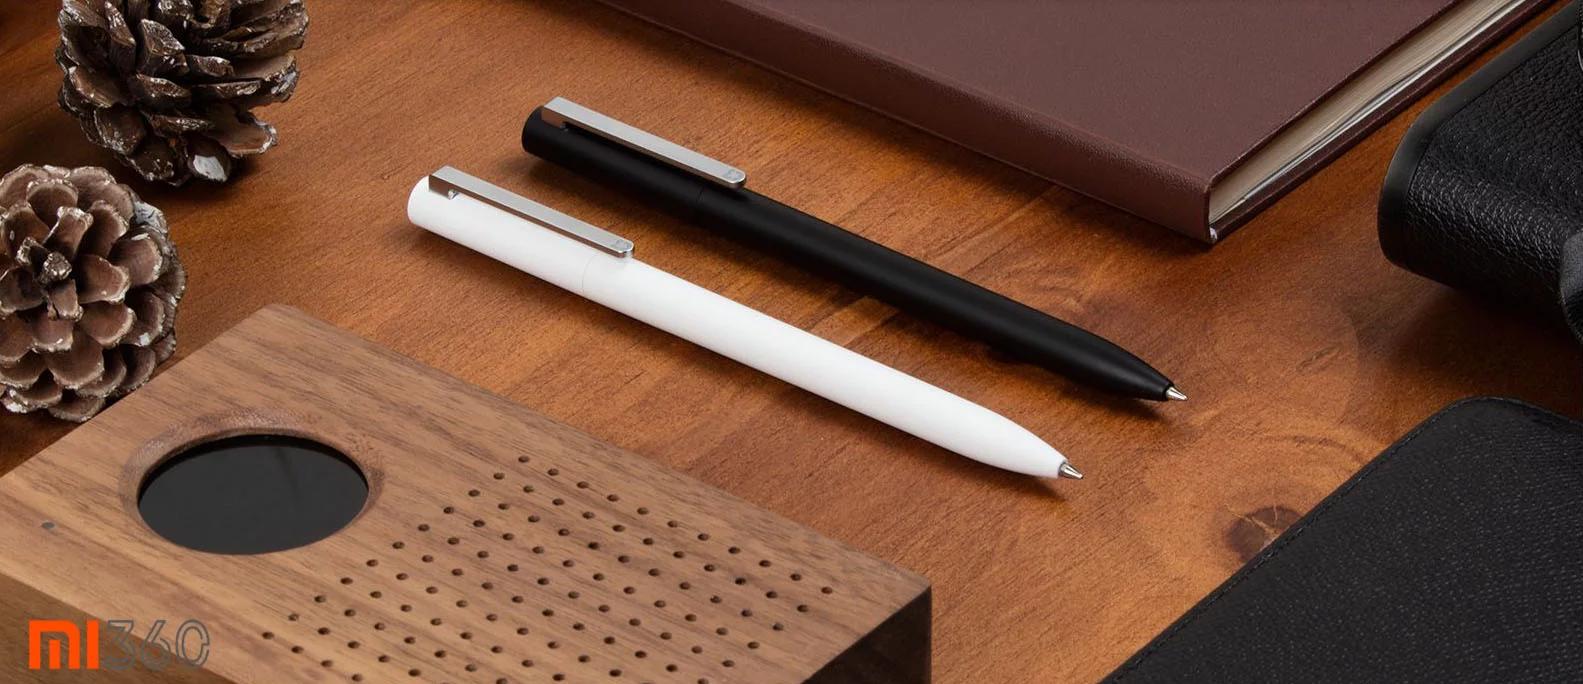 Mijia Roller Ball Pen